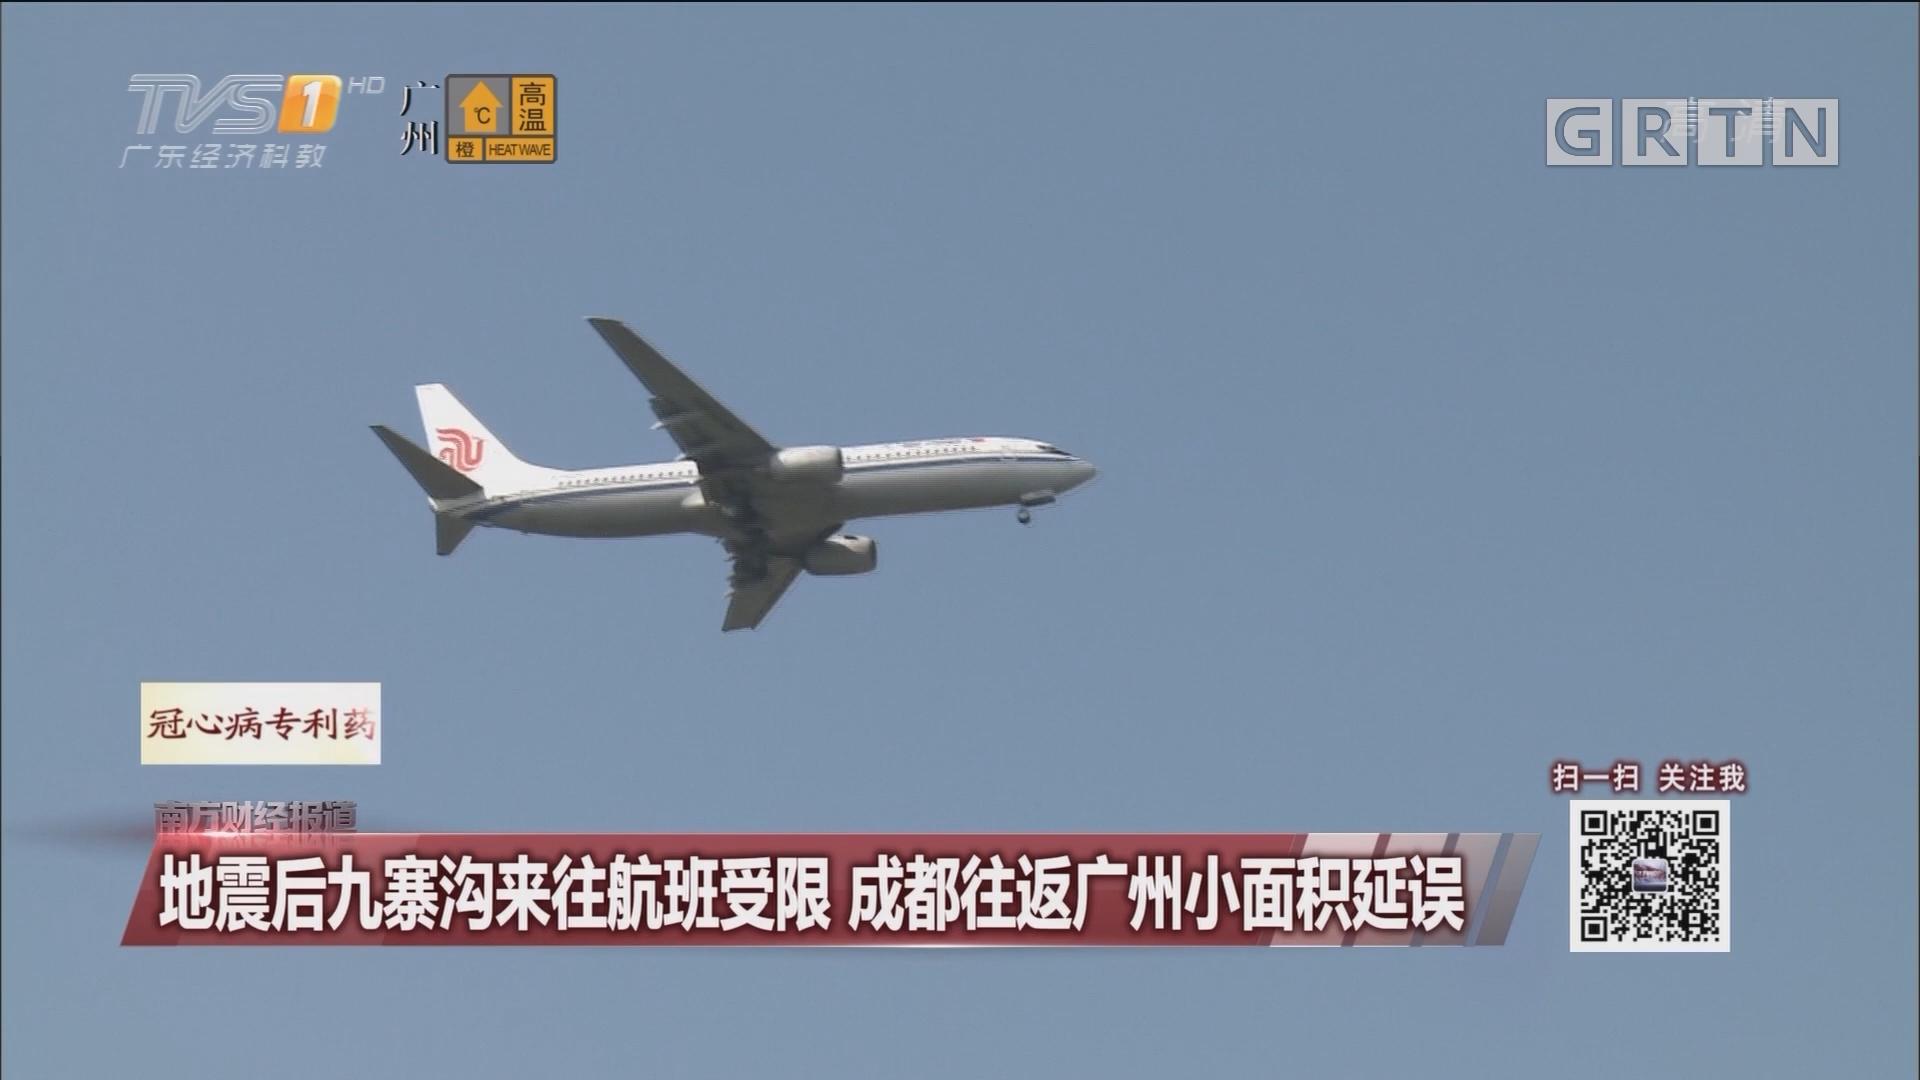 地震后九寨沟来往航班受限 成都往返广州小面积延误